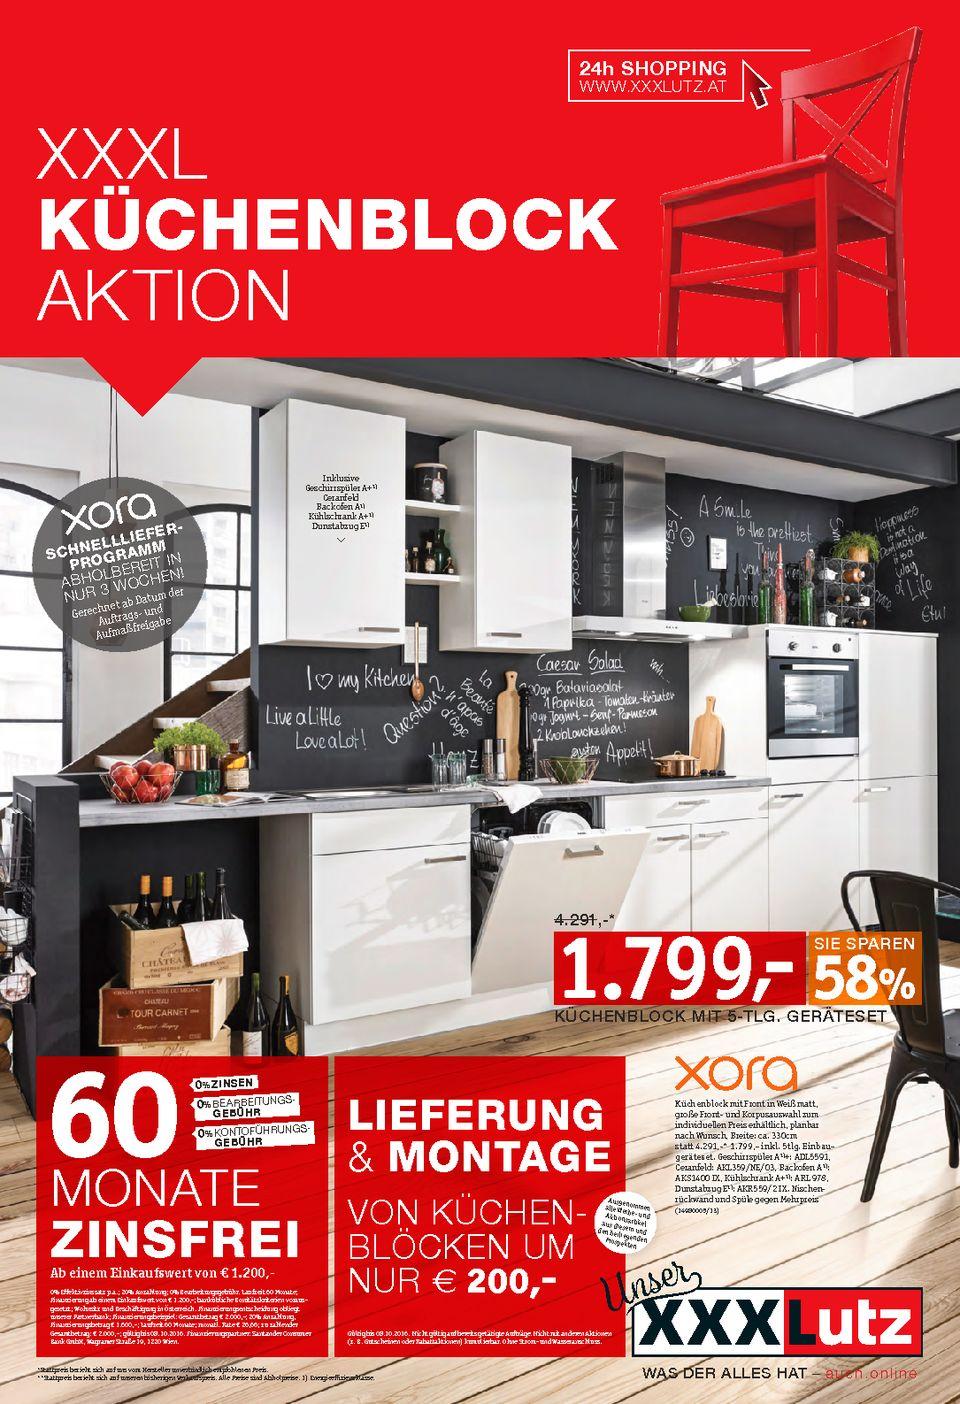 XXXLUTZ XXXL Küchenblock-Aktion